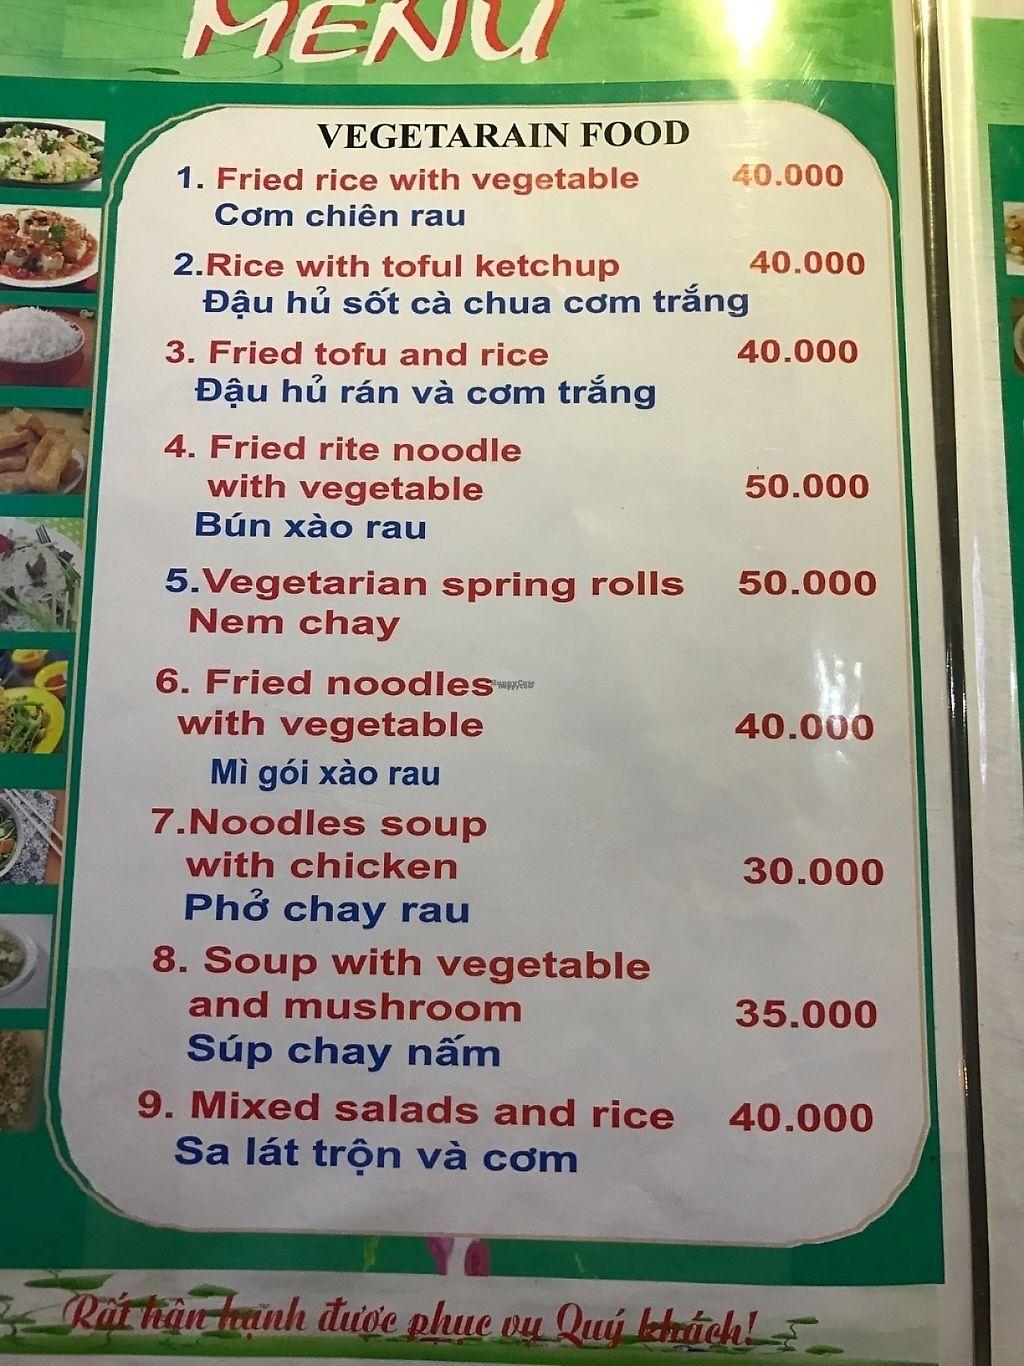 Menu at A Little Vietnam in Phong Nha